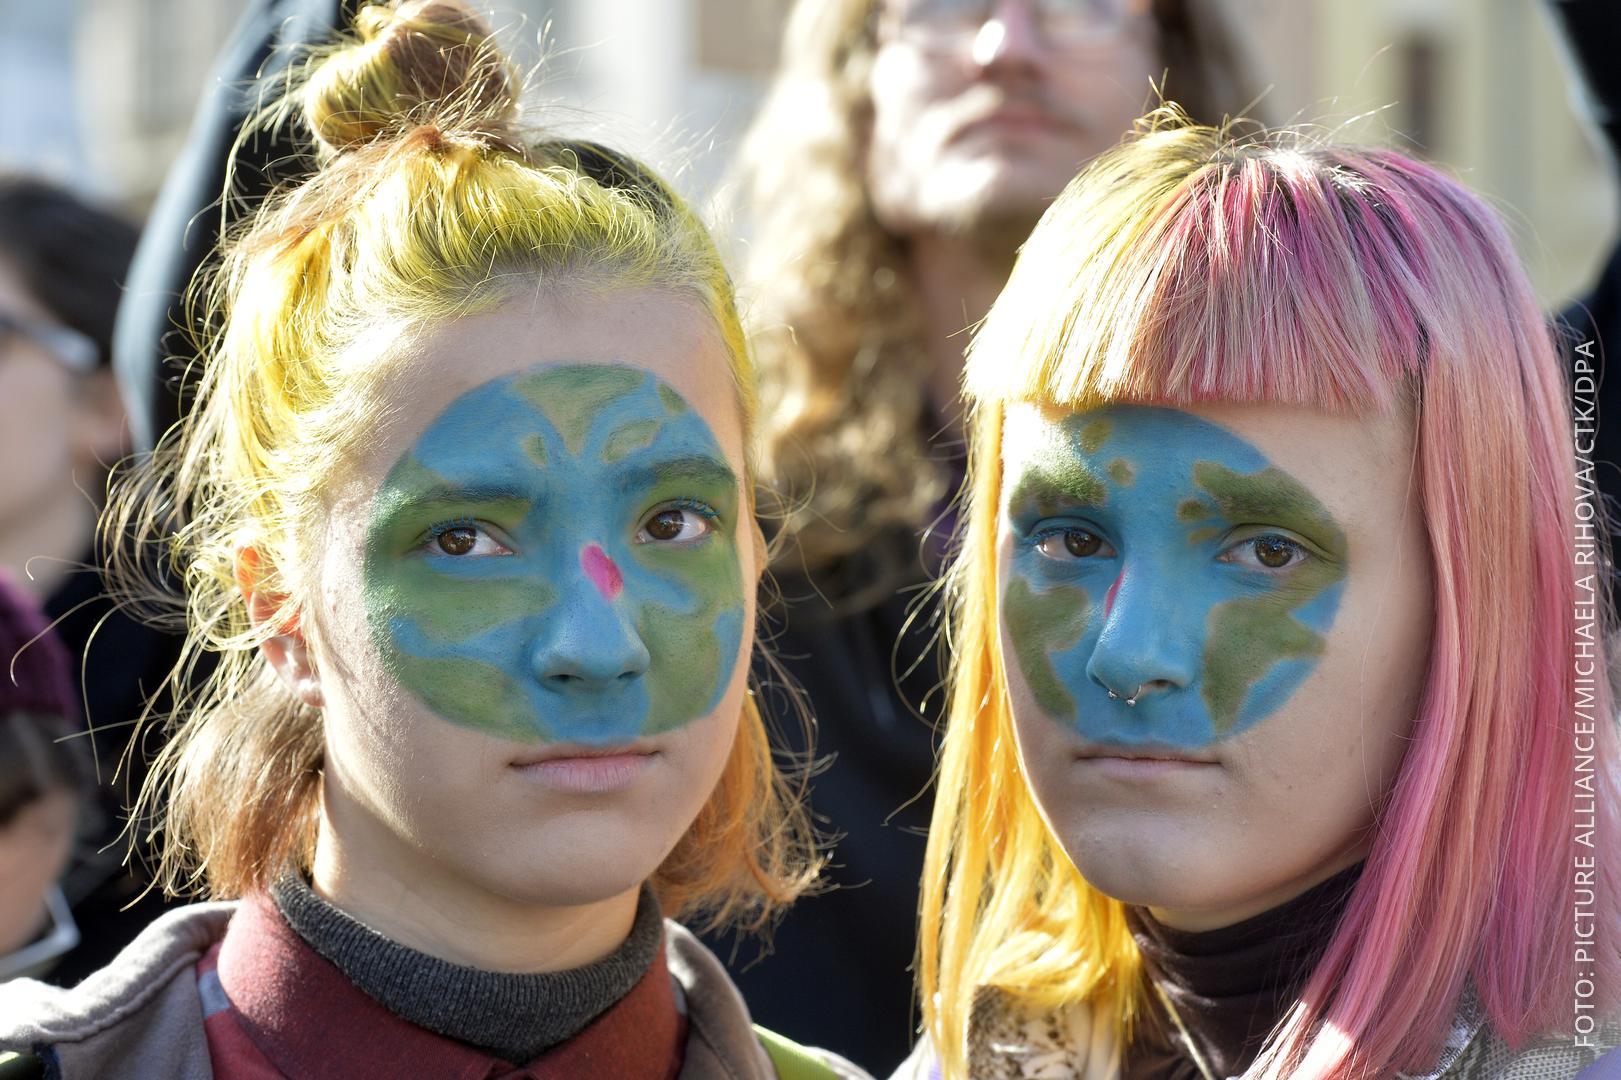 Zwei Mädchen nebeneinander, sie haben auf dem Gesicht eine Erde geschminkt